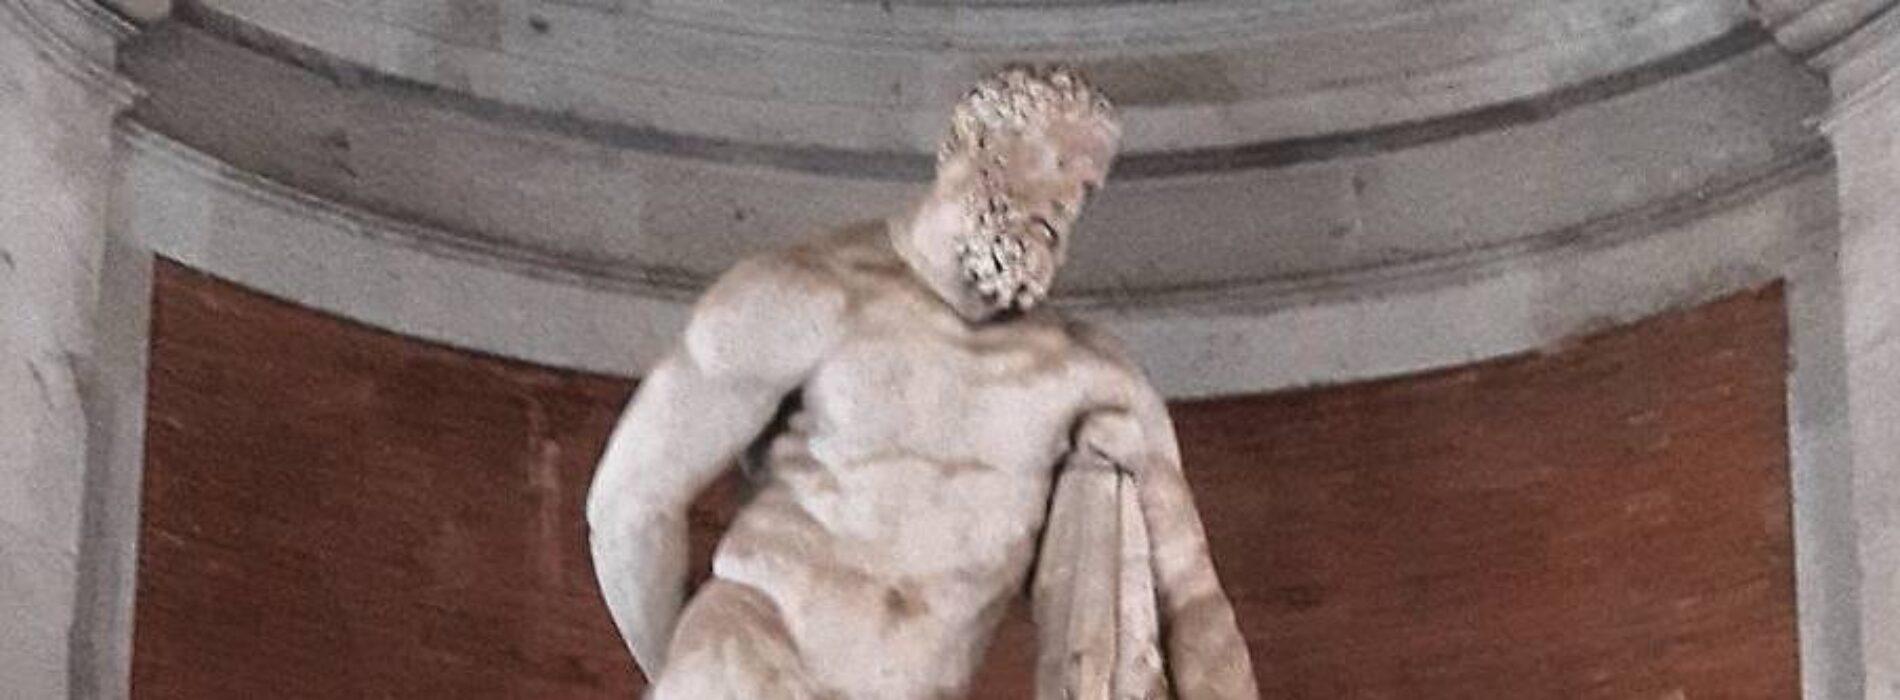 C'è un eroe di marmo nella Reggia di Caserta, è l'Ercole latino